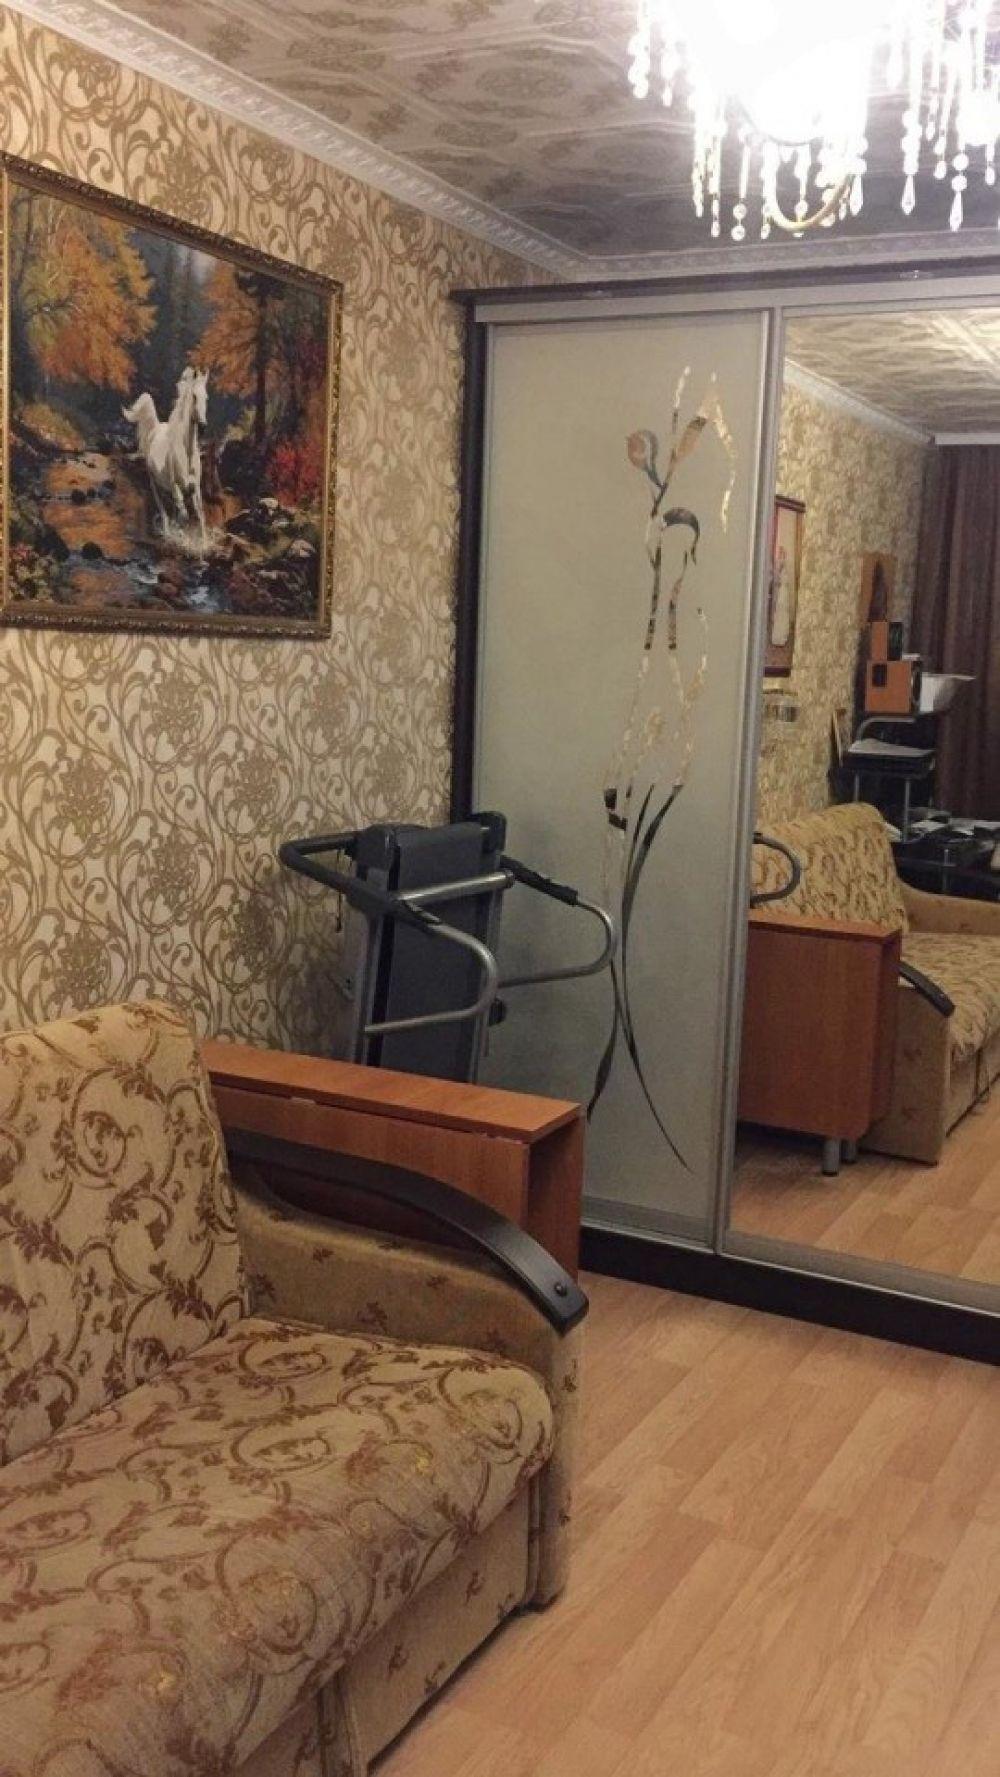 2-к квартира, 60 м2, 11/14 эт. Щёлково, микрорайон Финский, 9к2, фото 10